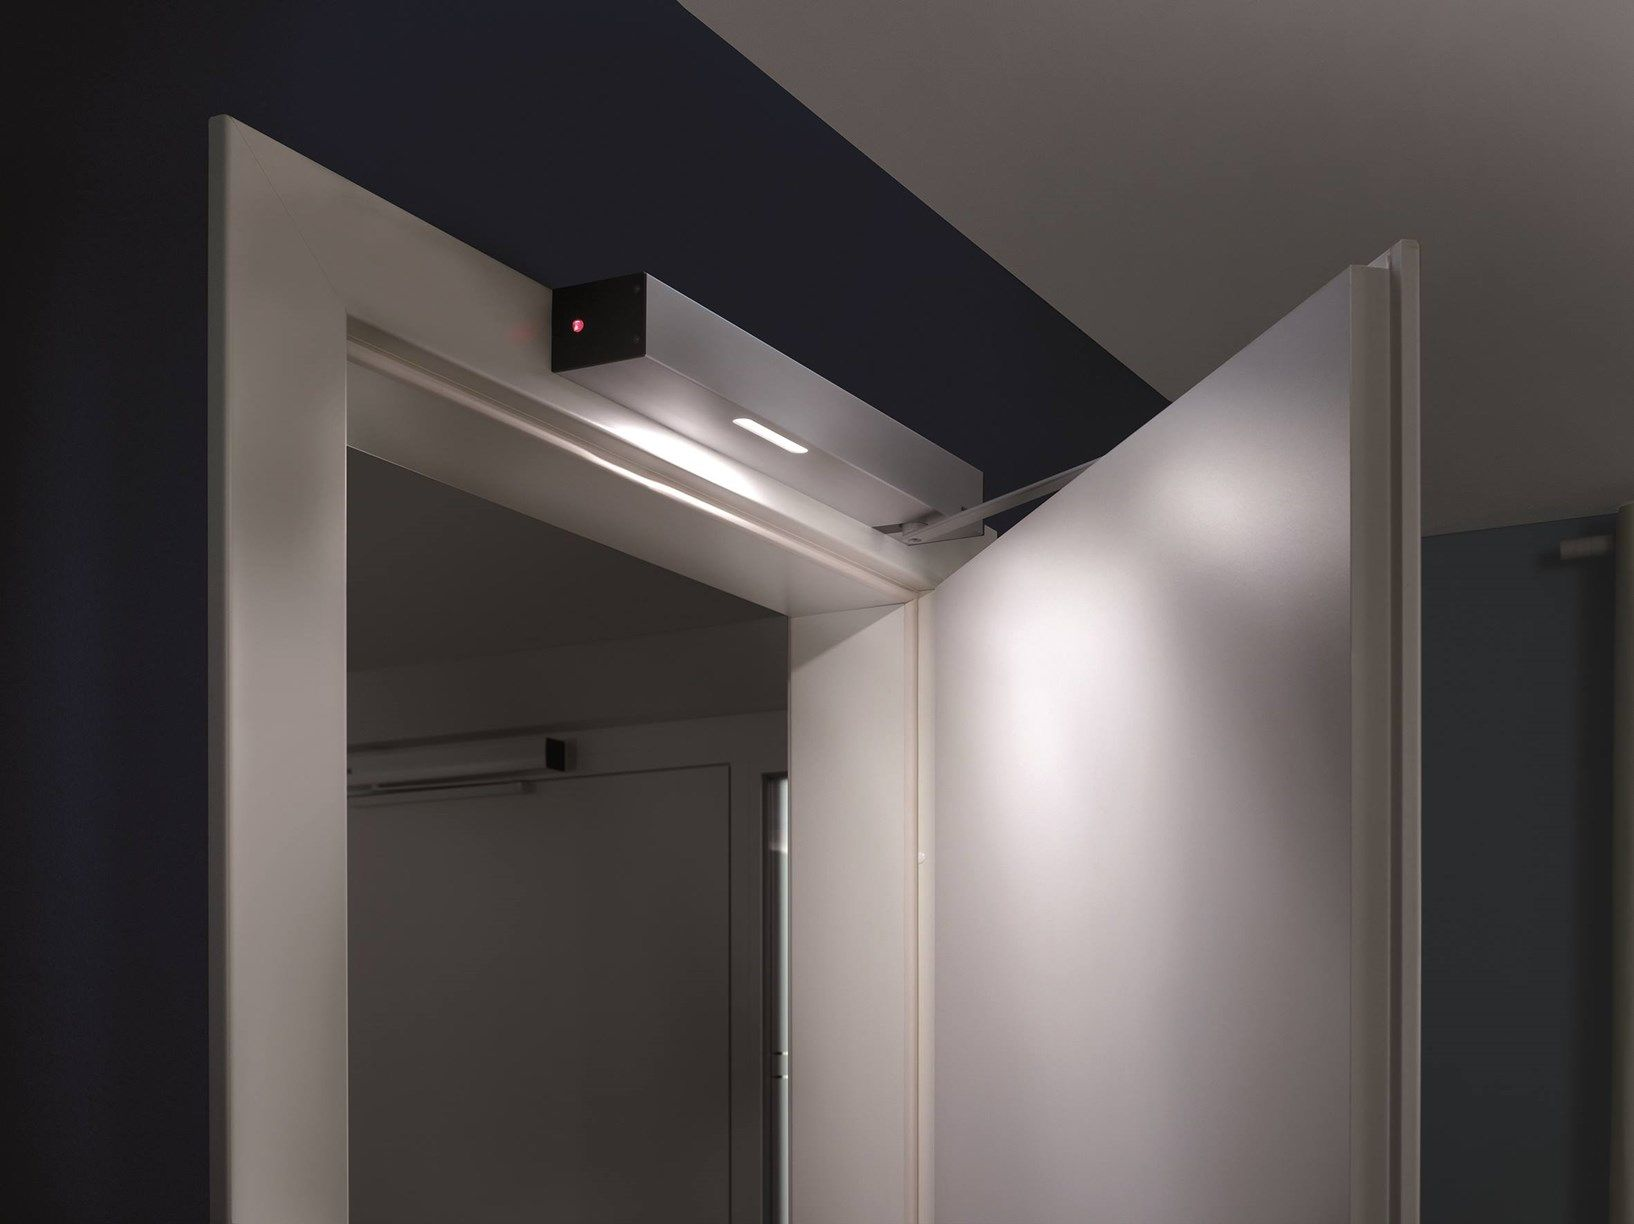 Automazione PortaMatic Hörmann: la qualità vantaggiosa per una casa più bella, smart e sicura